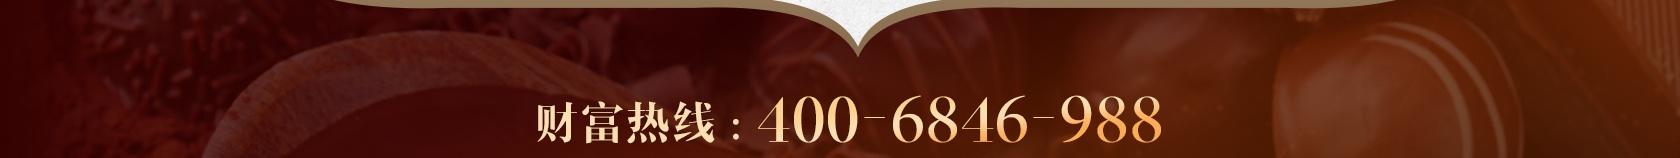 索爱比利时手工巧克力加盟;财富热线:400-6846-988